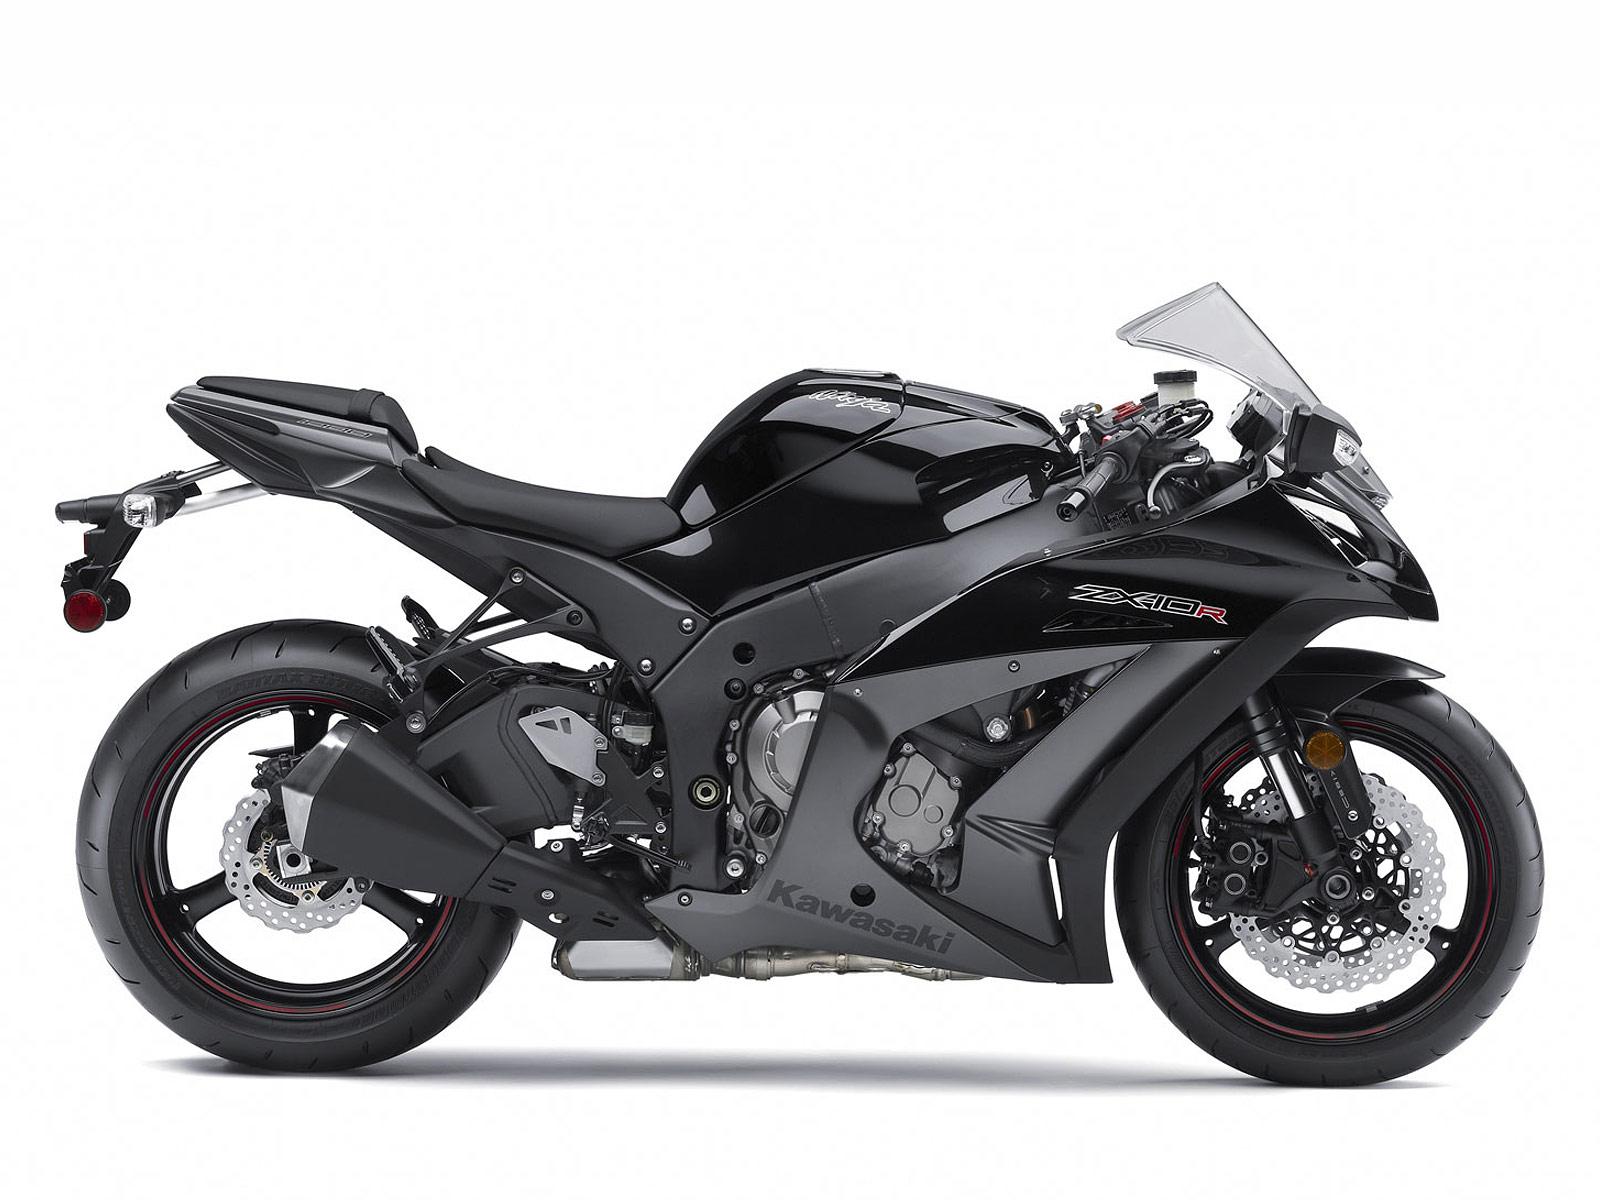 http://1.bp.blogspot.com/--pvlt_RWFNU/TxJNQGKDxDI/AAAAAAAAKNk/7N4CycJB8gg/s1600/2012-Kawasaki-Ninja-ZX-10R-ABS_motorcycle-desktop-wallpapers_2.jpg